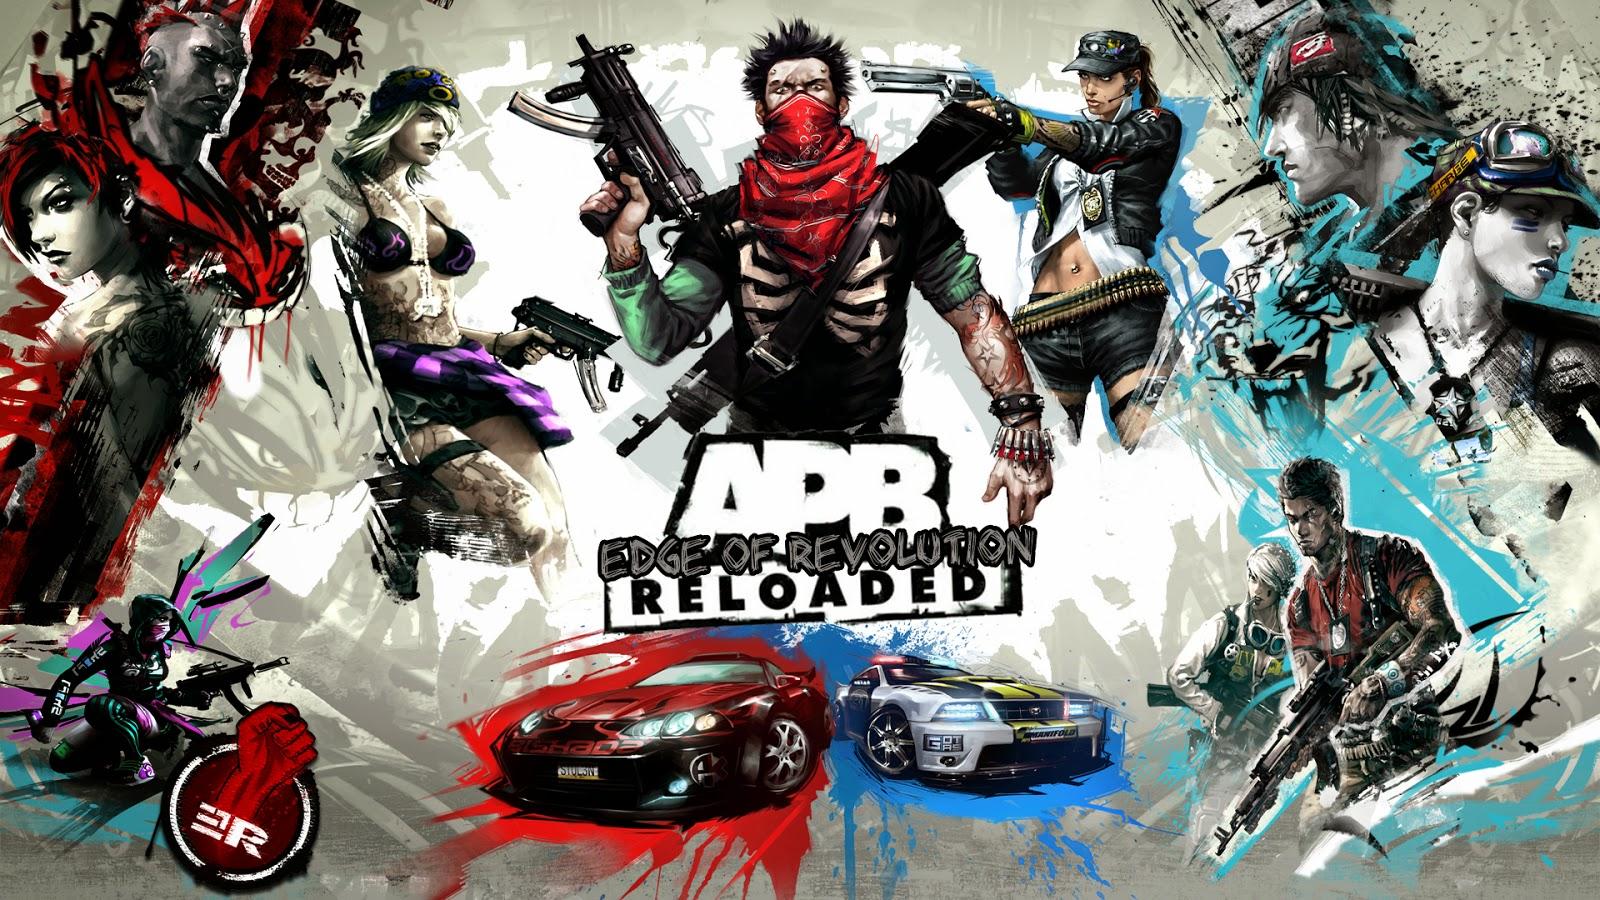 Игра APB Reloaded может появиться на Xbox One и Playstation 4